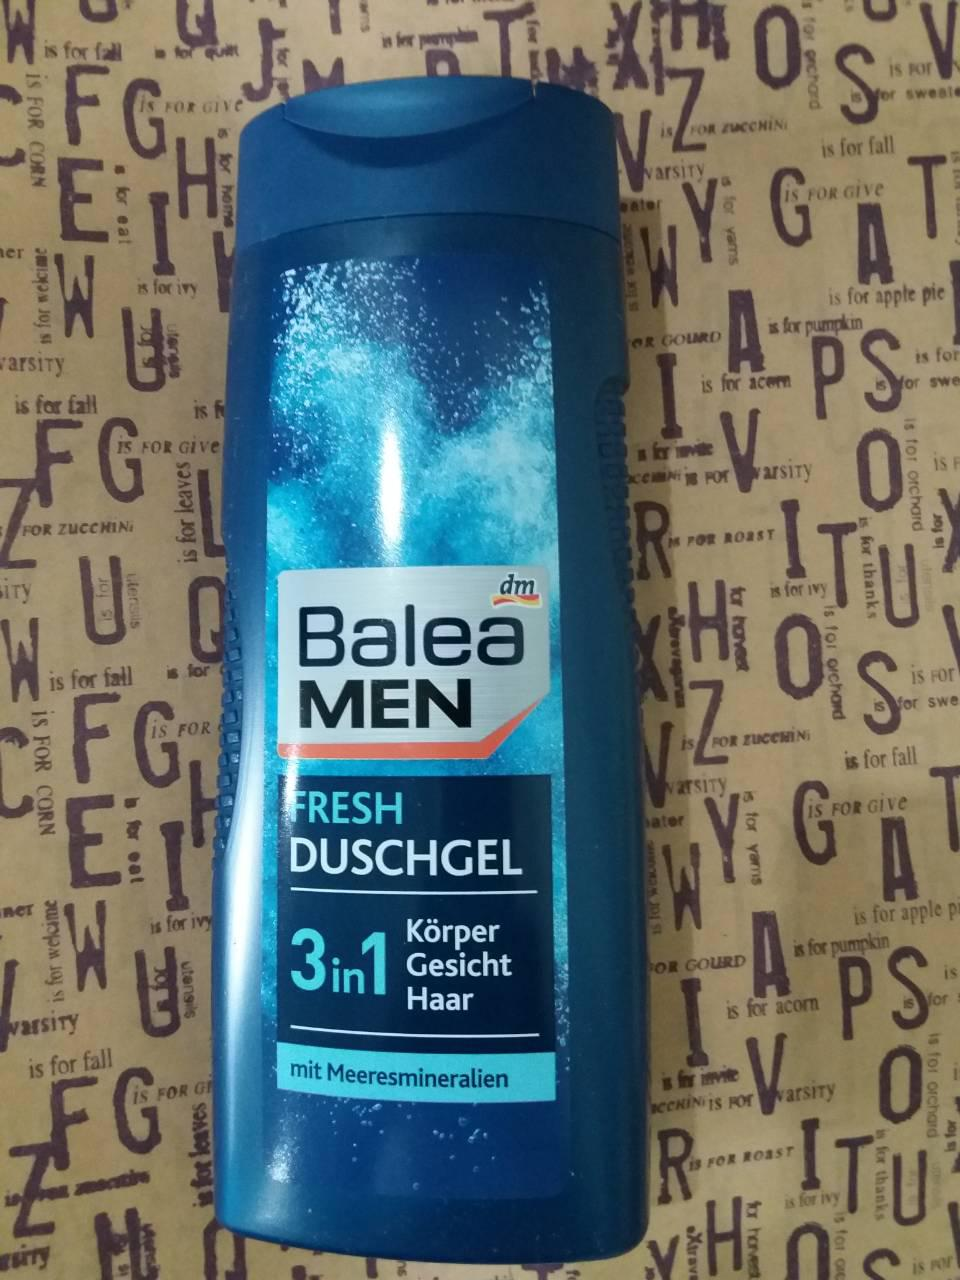 Мужской гель для душа Балеа / Balea men DuschGel